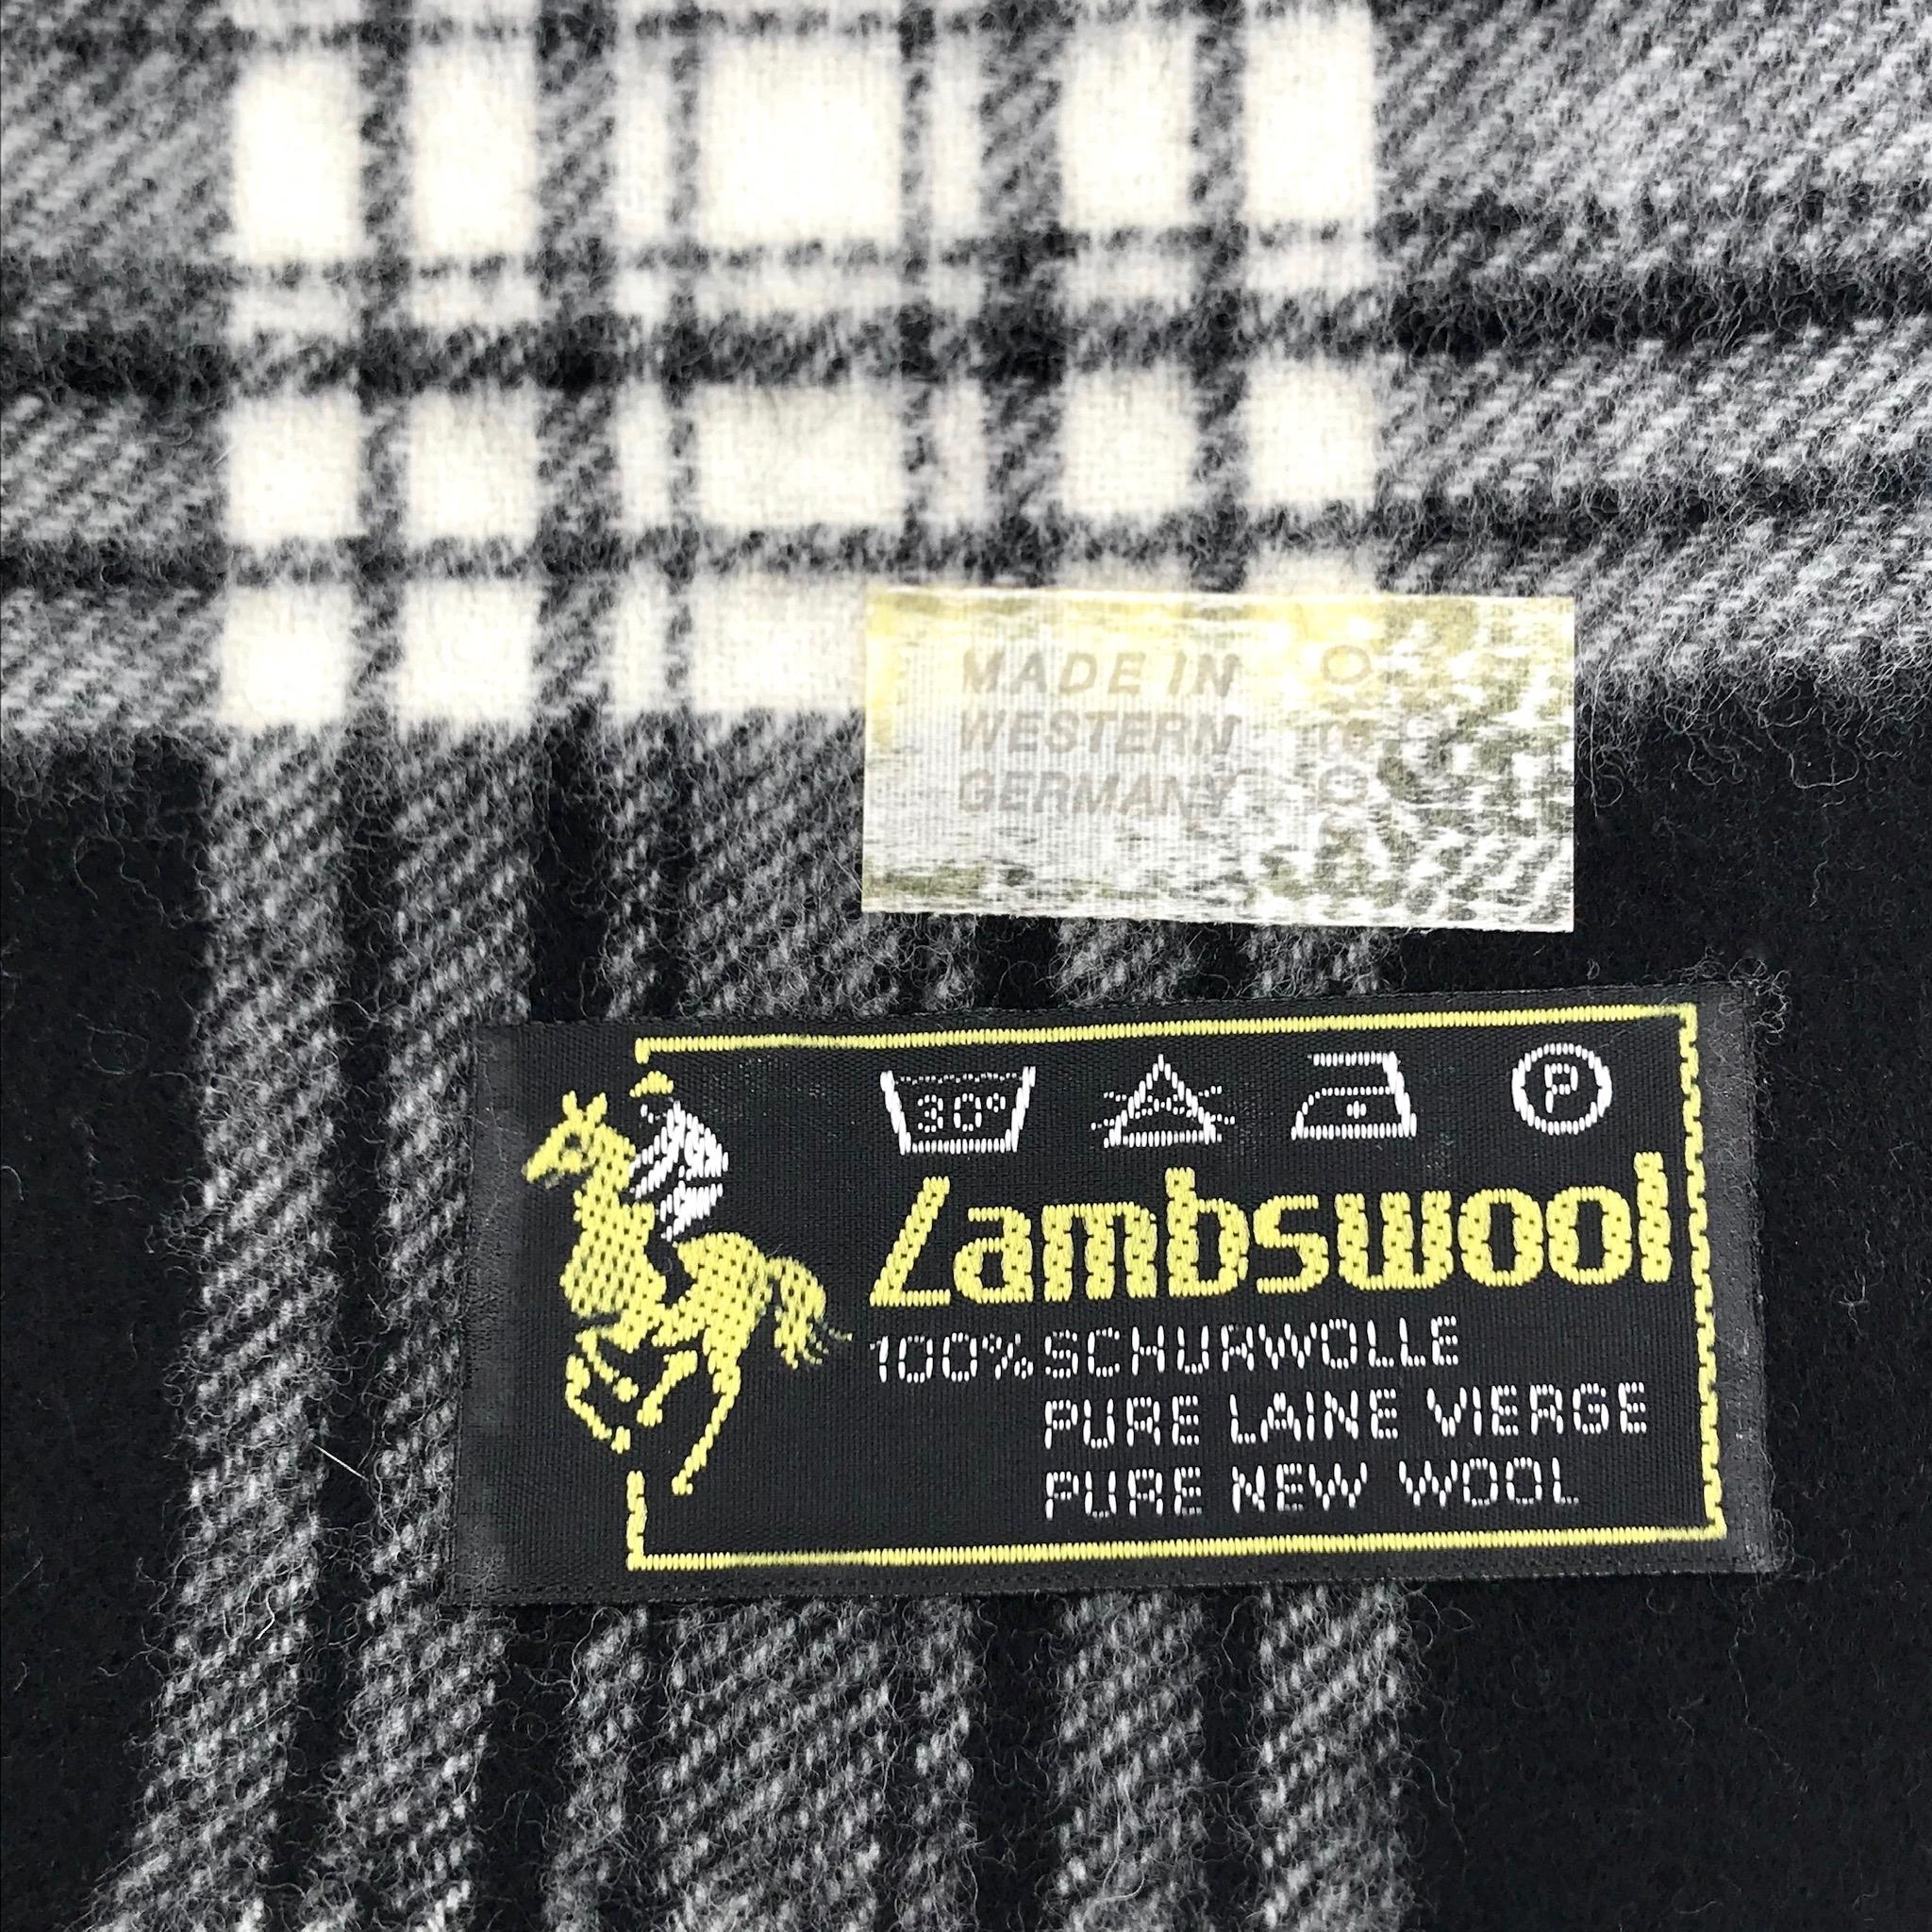 Black & White Plaid Wool Scarf